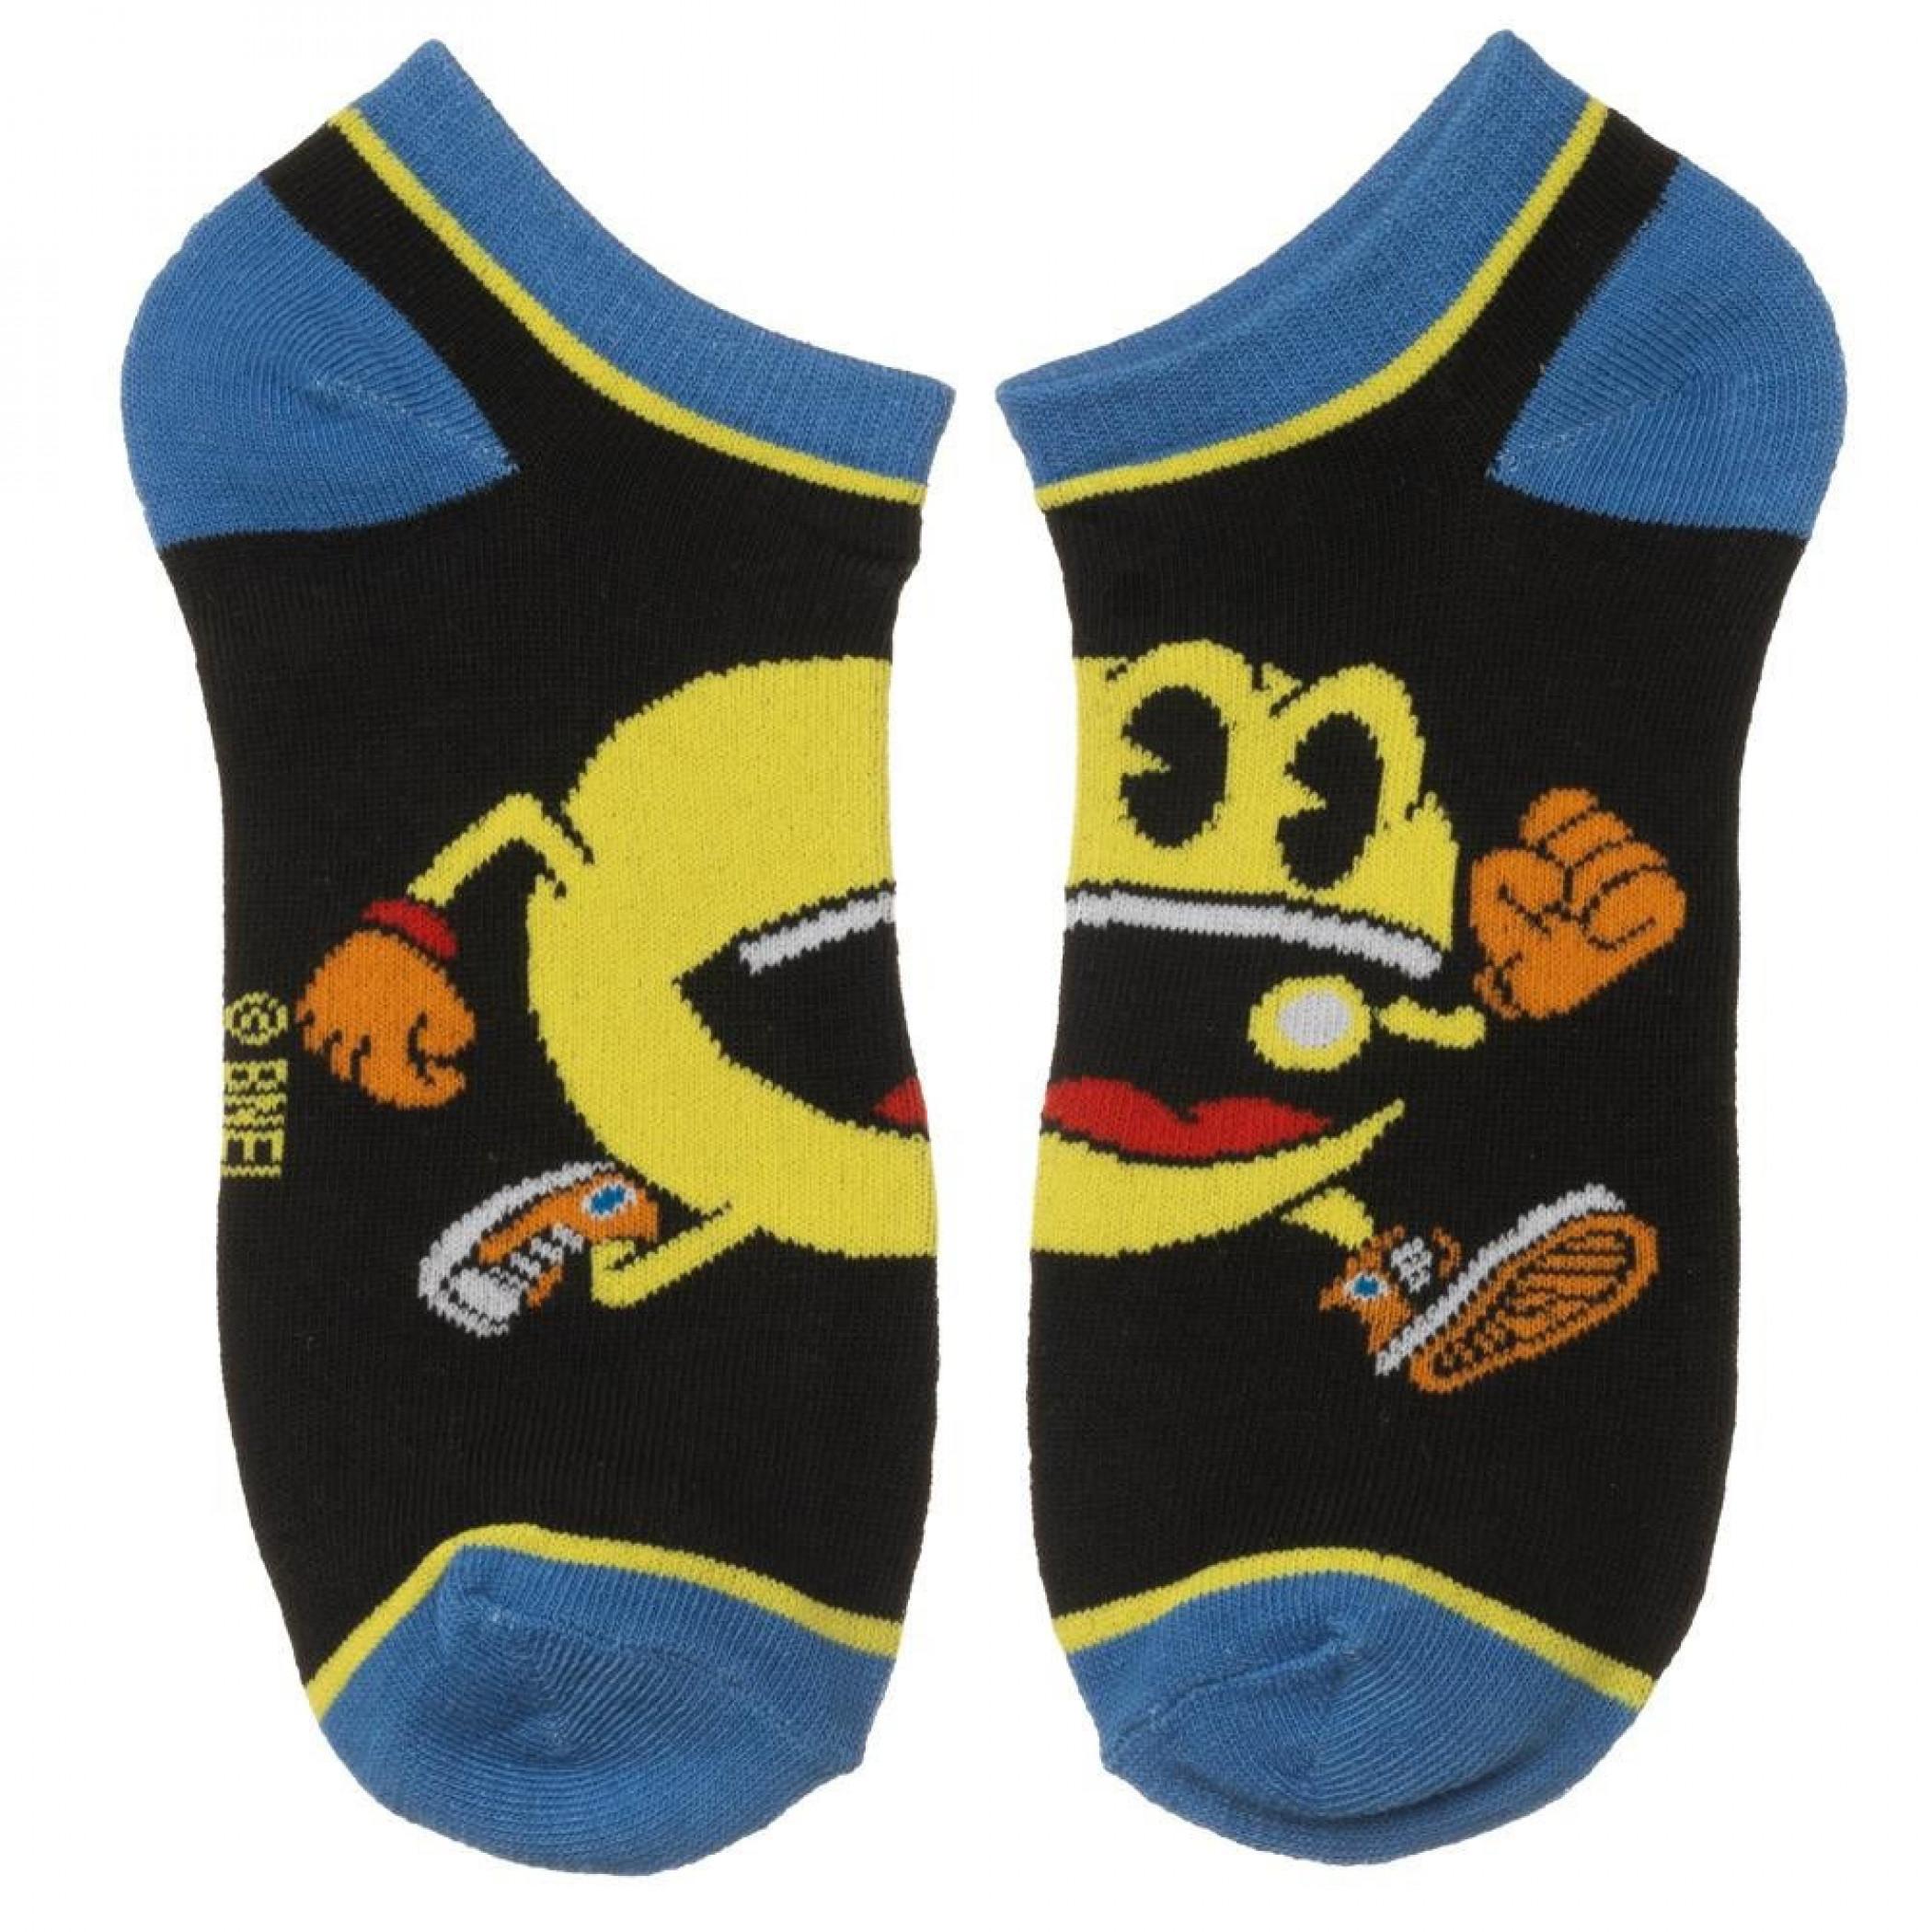 Pac-Man 5 Pair Ankle Socks Pack